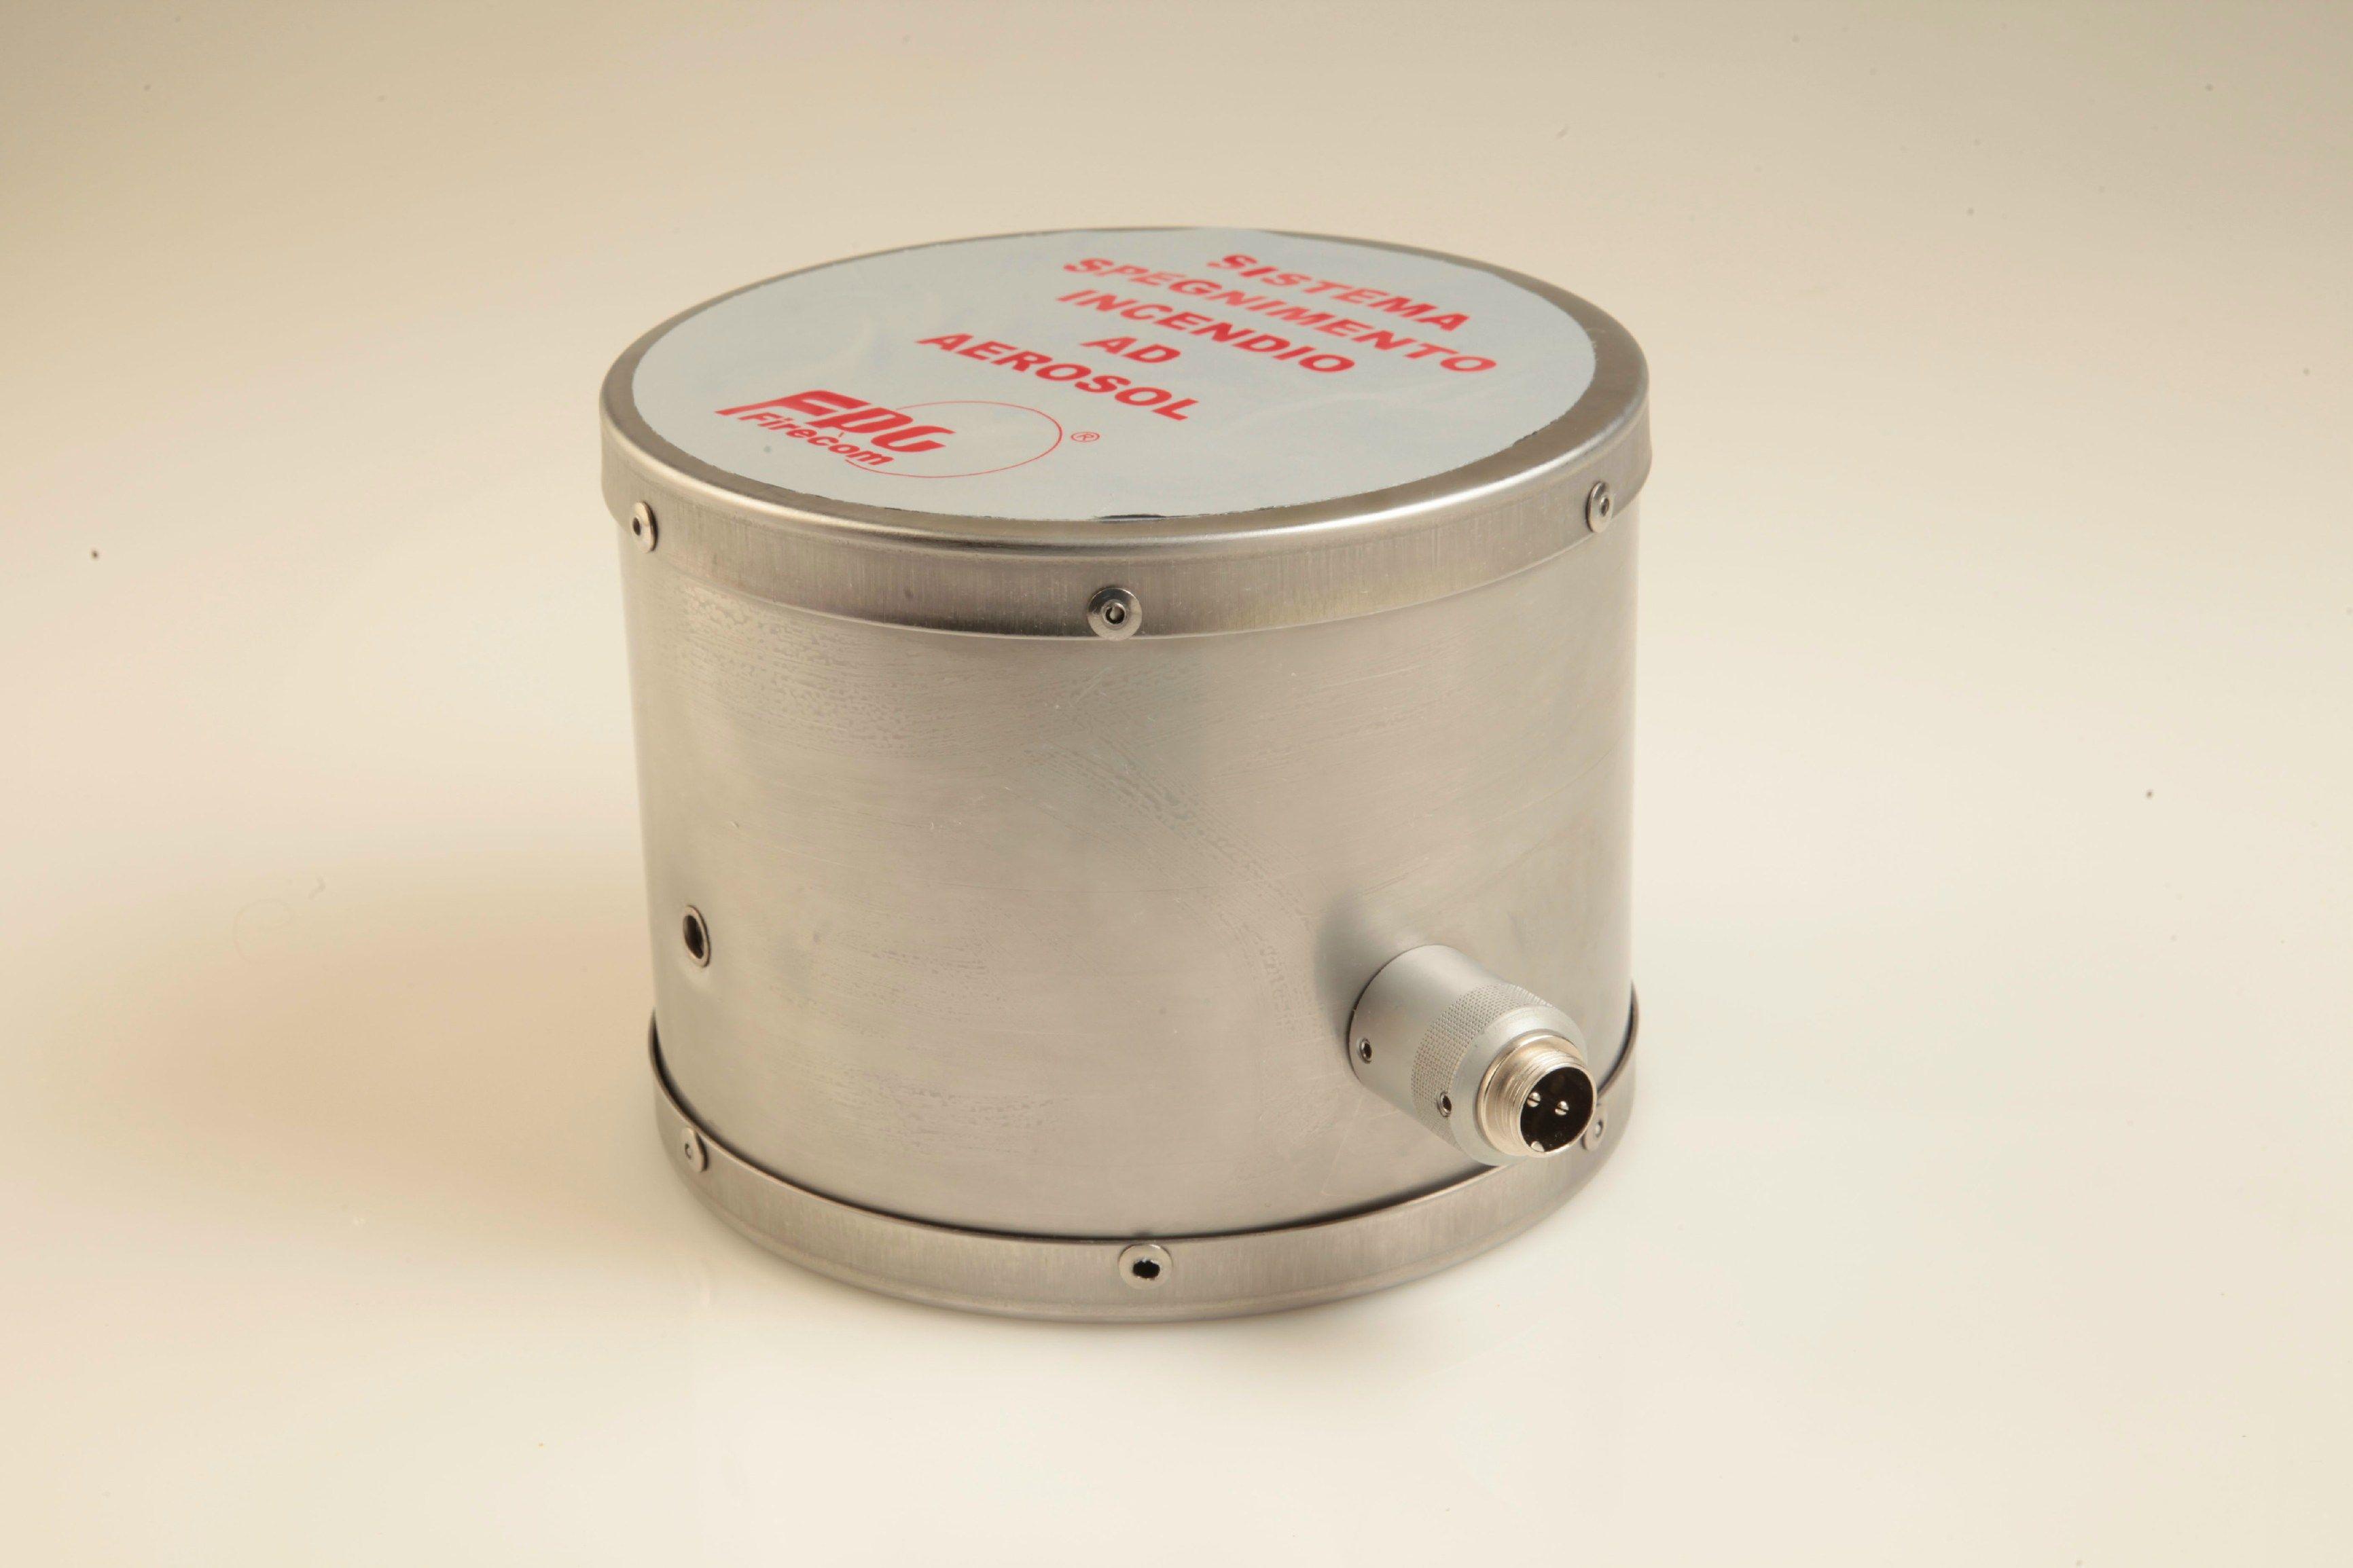 Generatore ad aerosol con erogazione frontale. Compoun estinguente g 715